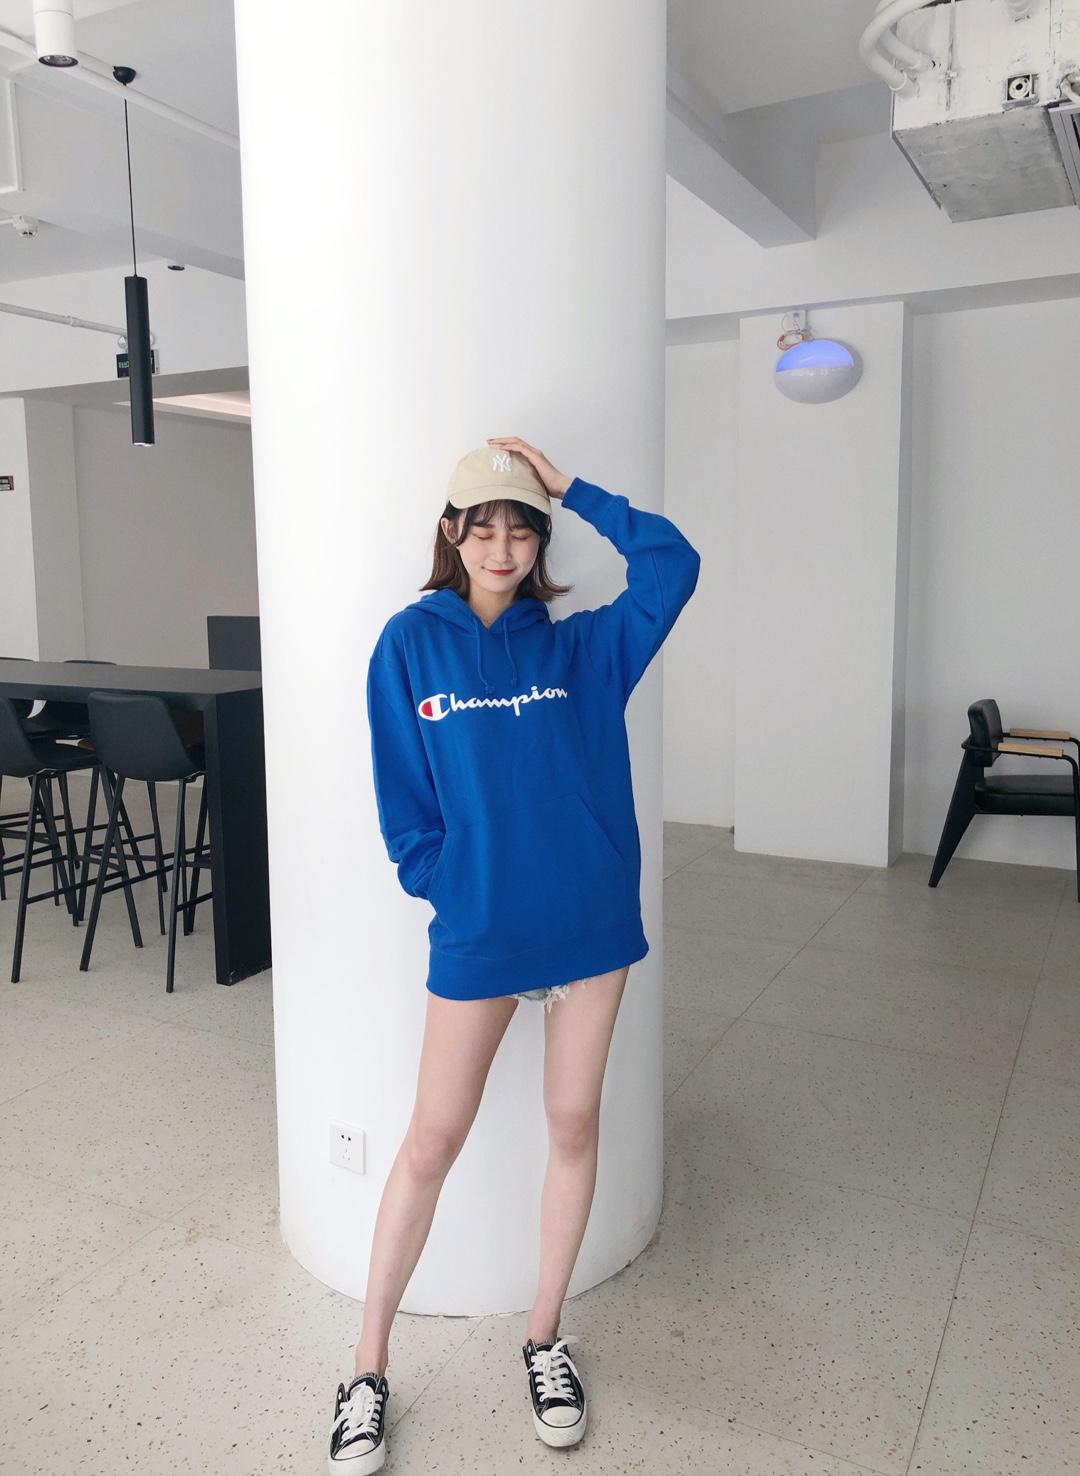 #初秋第一波韩系潮流,跟上!#蓝色的卫衣真的超亮眼呀 而且特别百搭 先备着了哈哈哈~